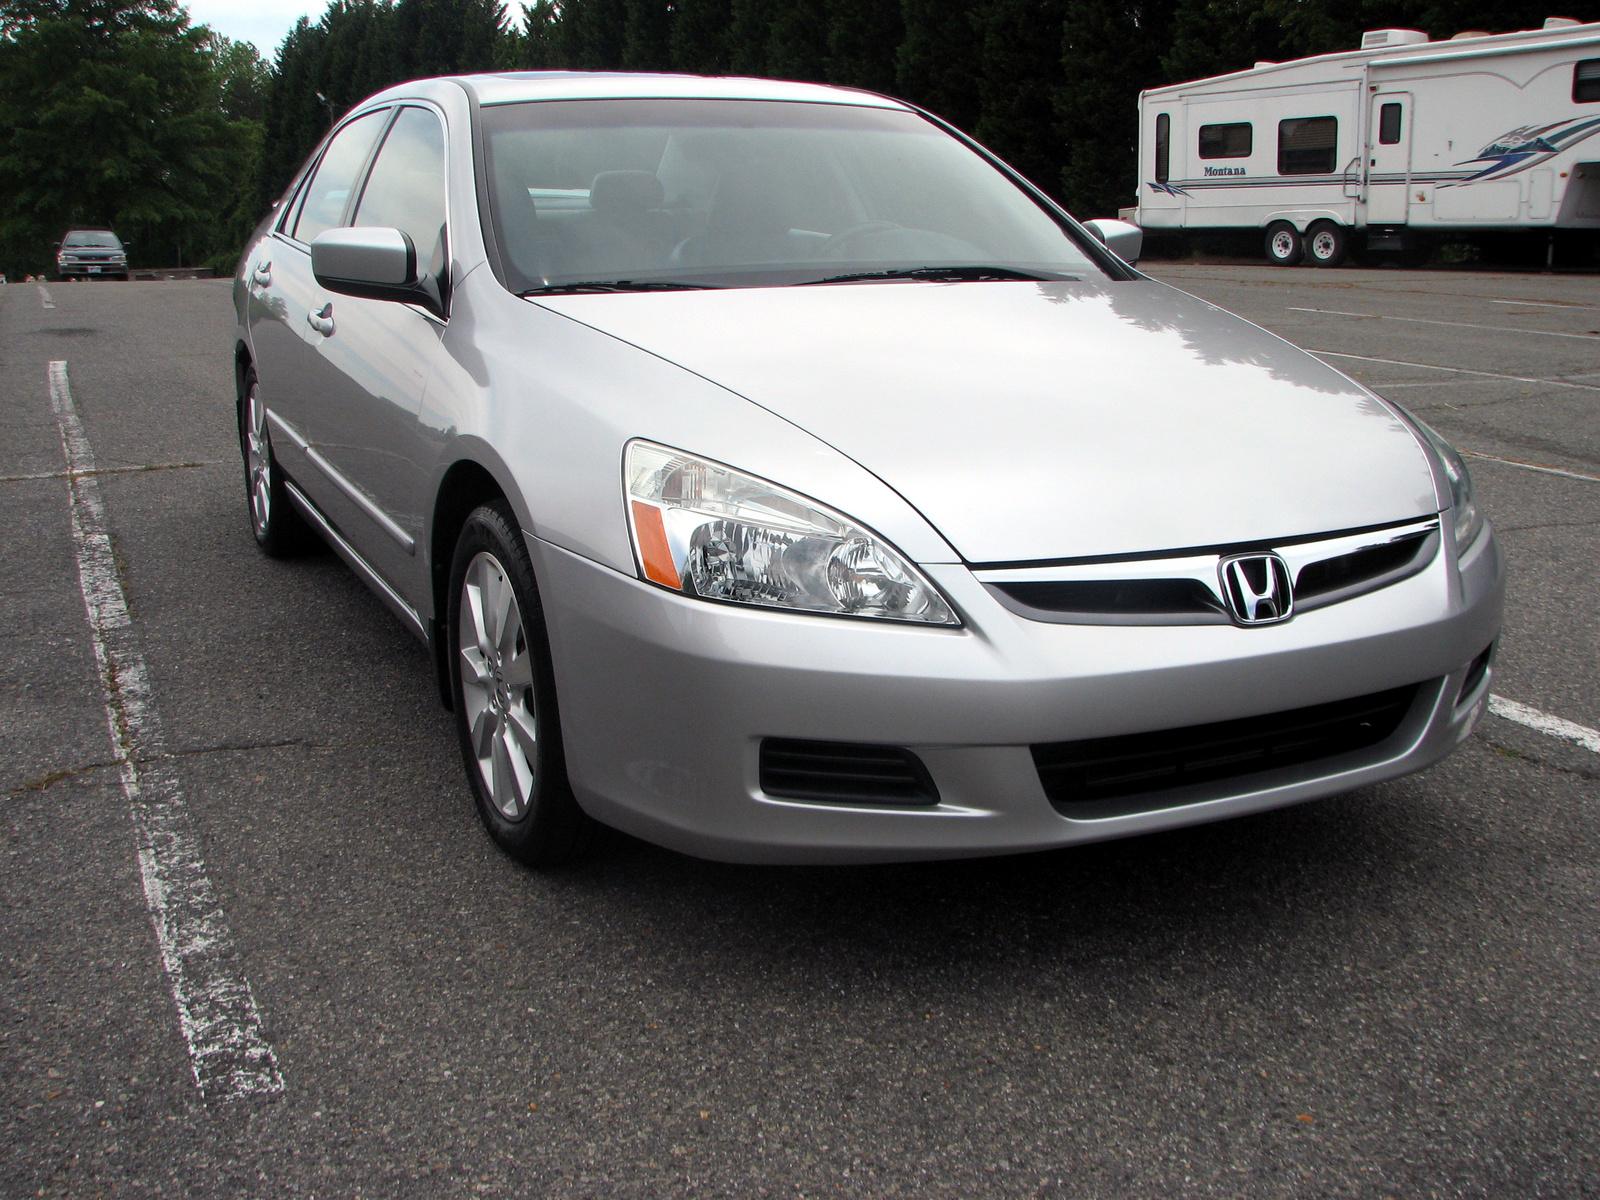 2007 Honda Accord Pictures Cargurus